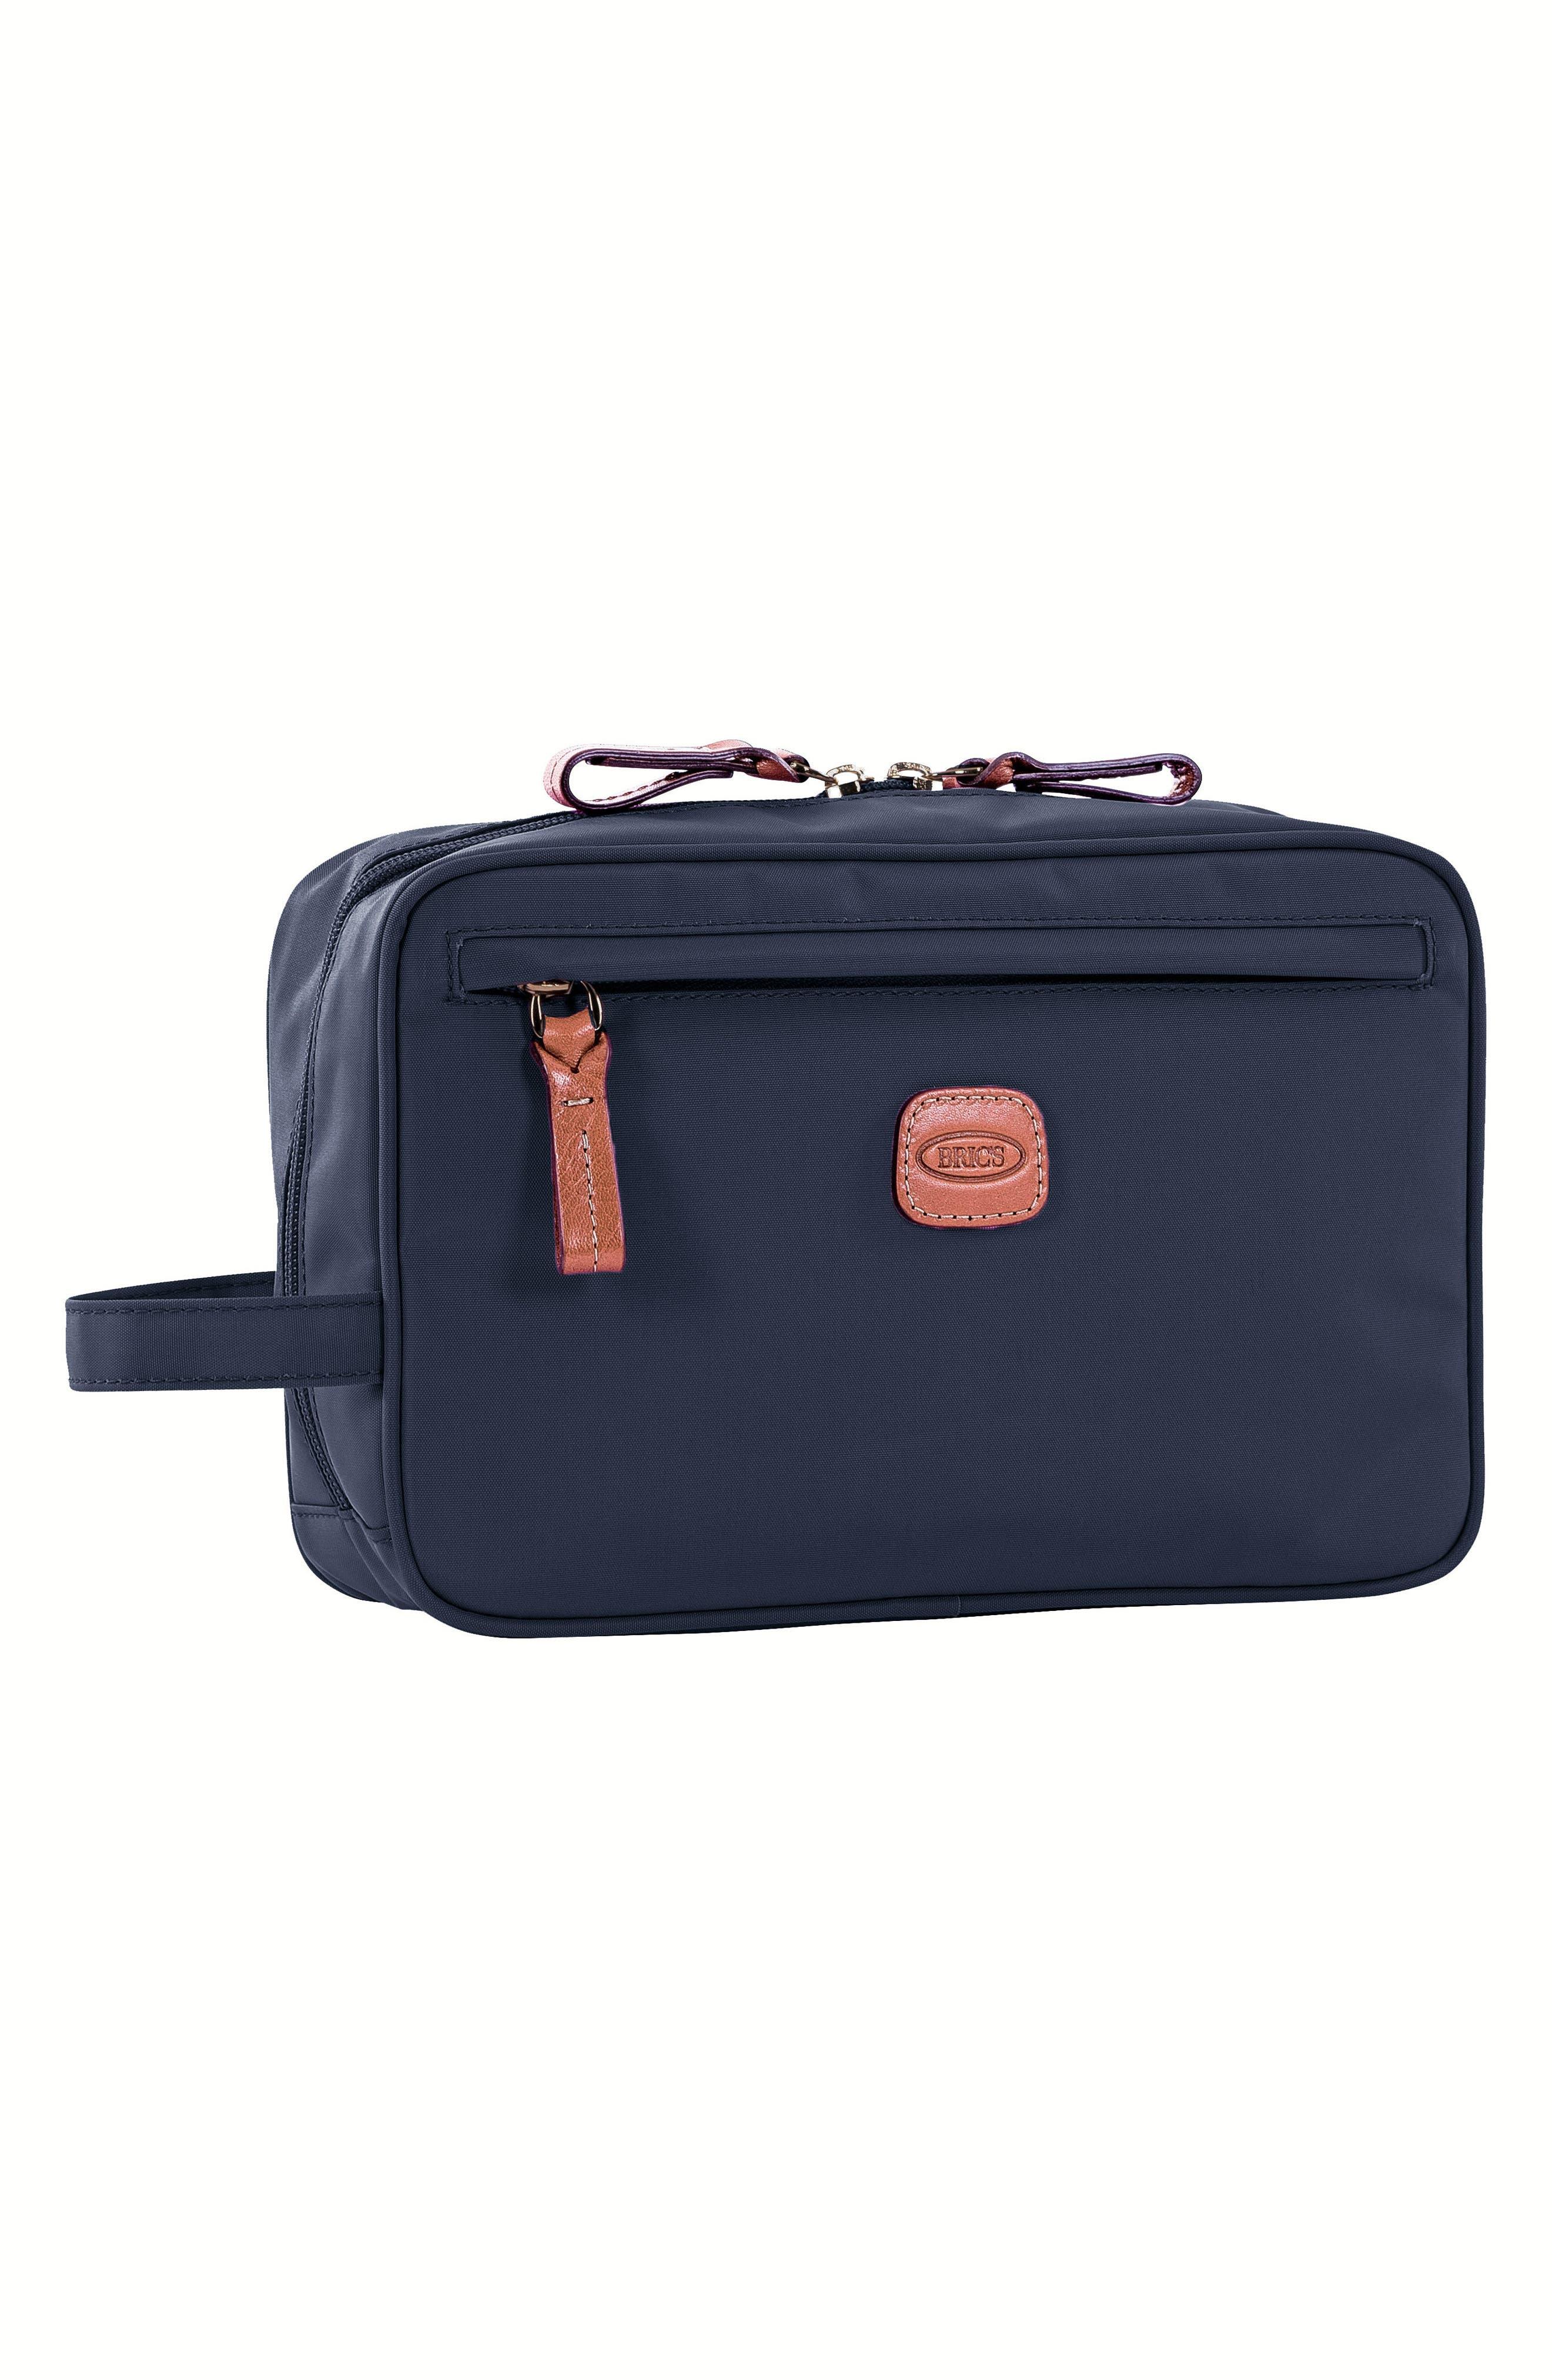 Bric's X-Bag Urban Travel Kit